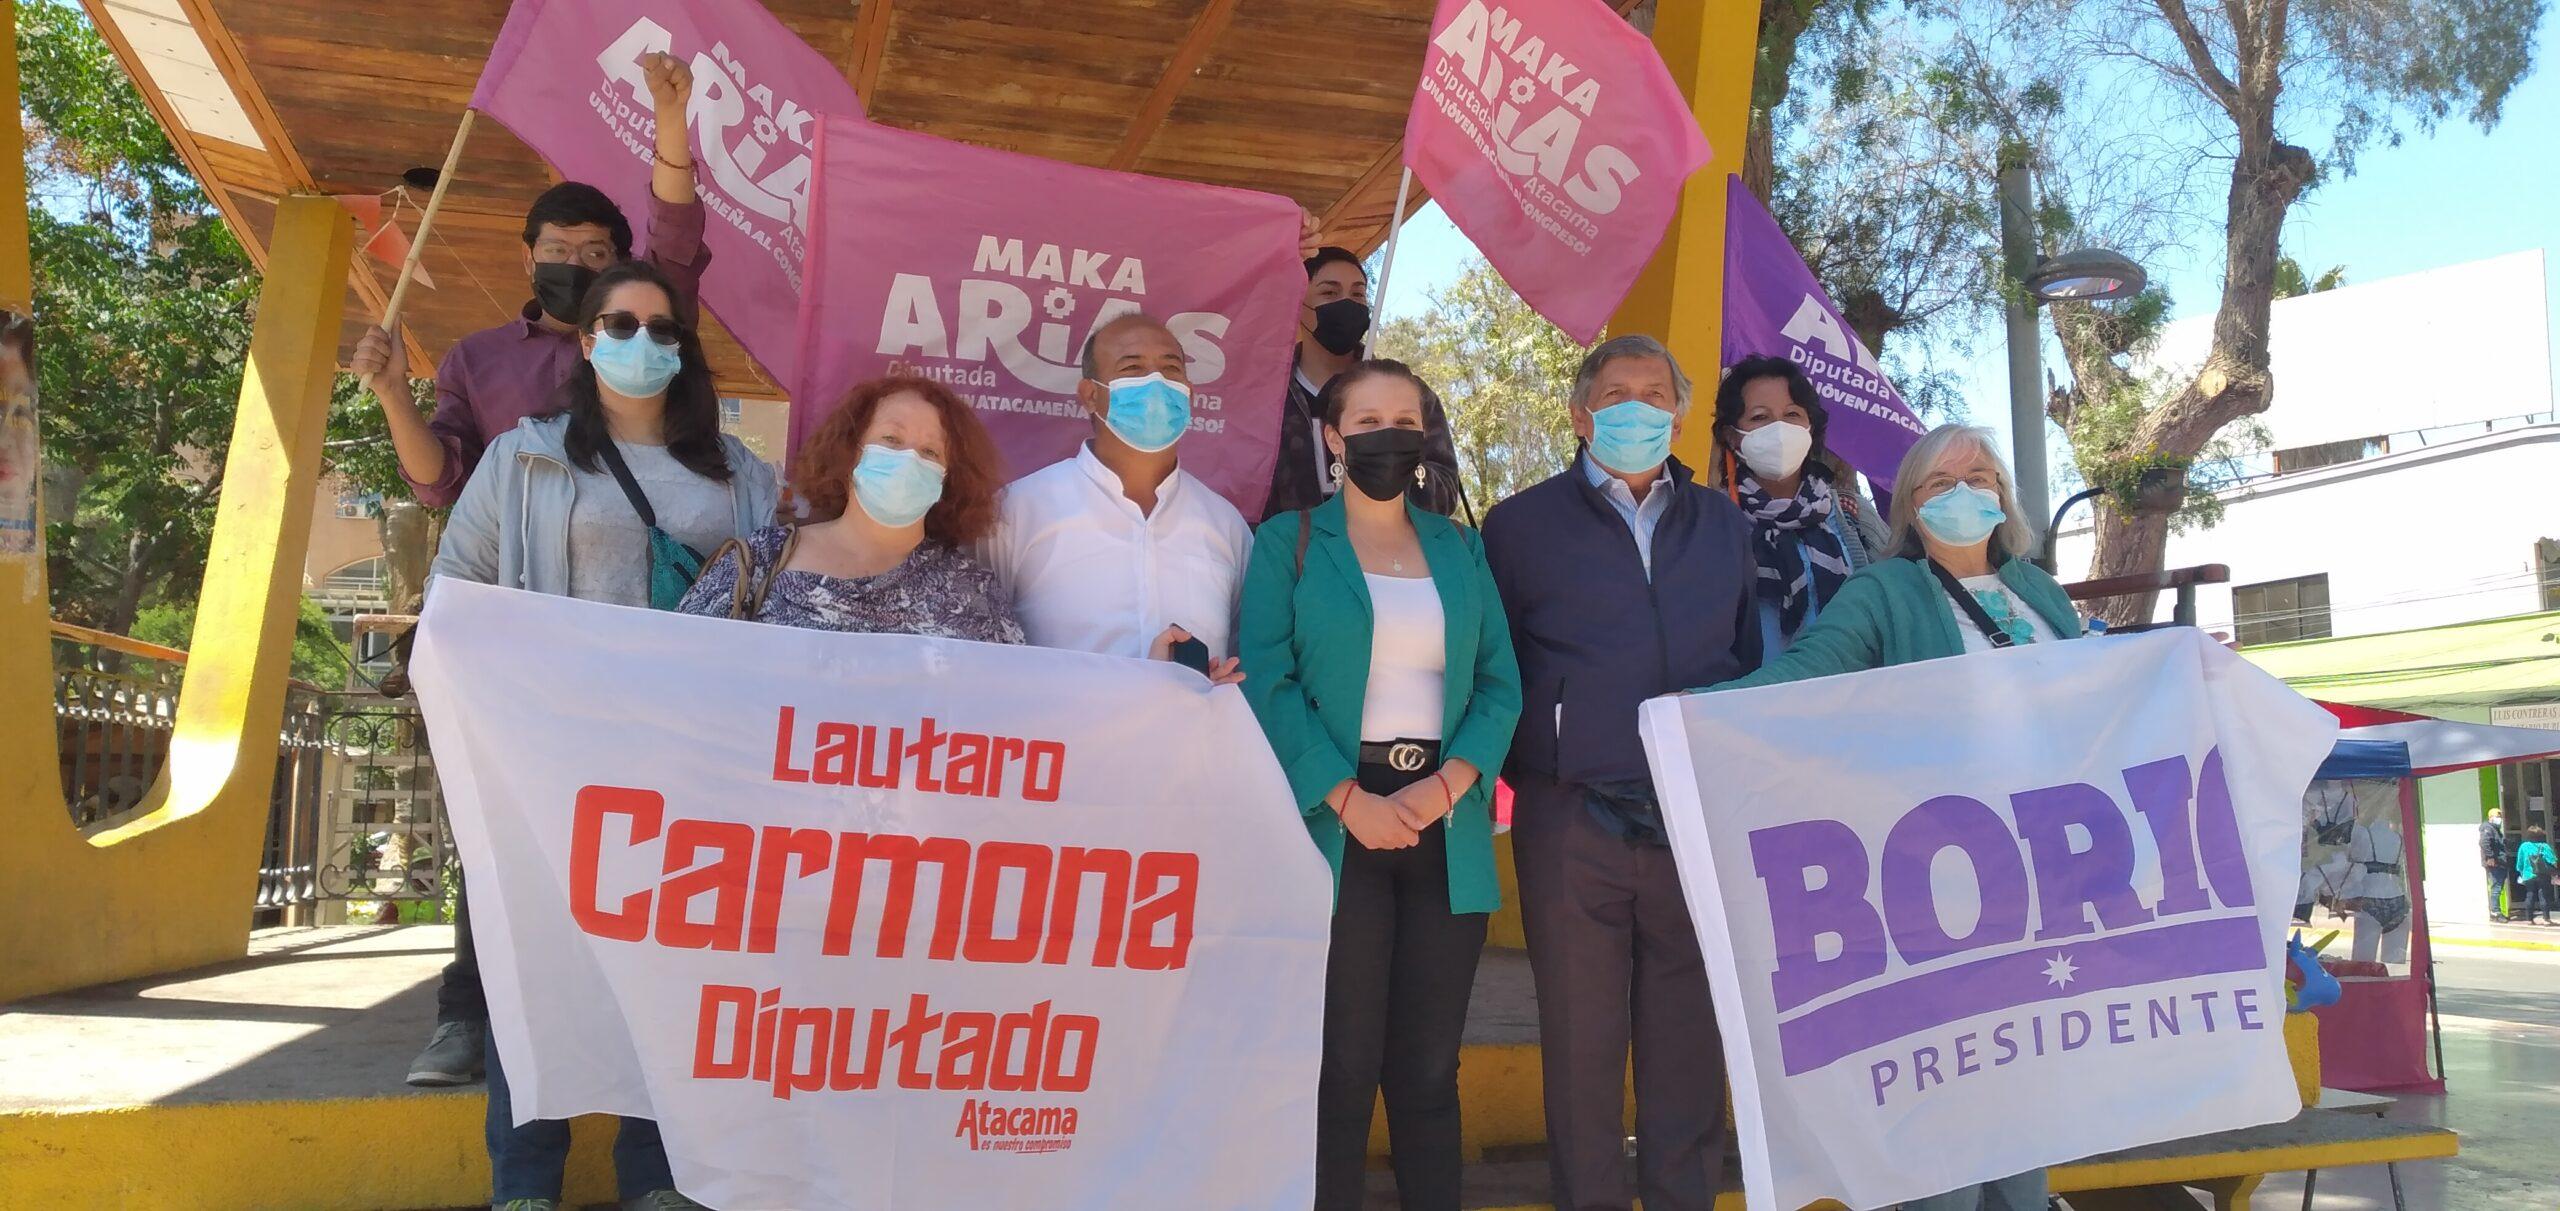 """Lautaro Carmona, candidato a diputado: """"Atacama no debe seguir siendo zona de sacrificio de punta a punta"""""""